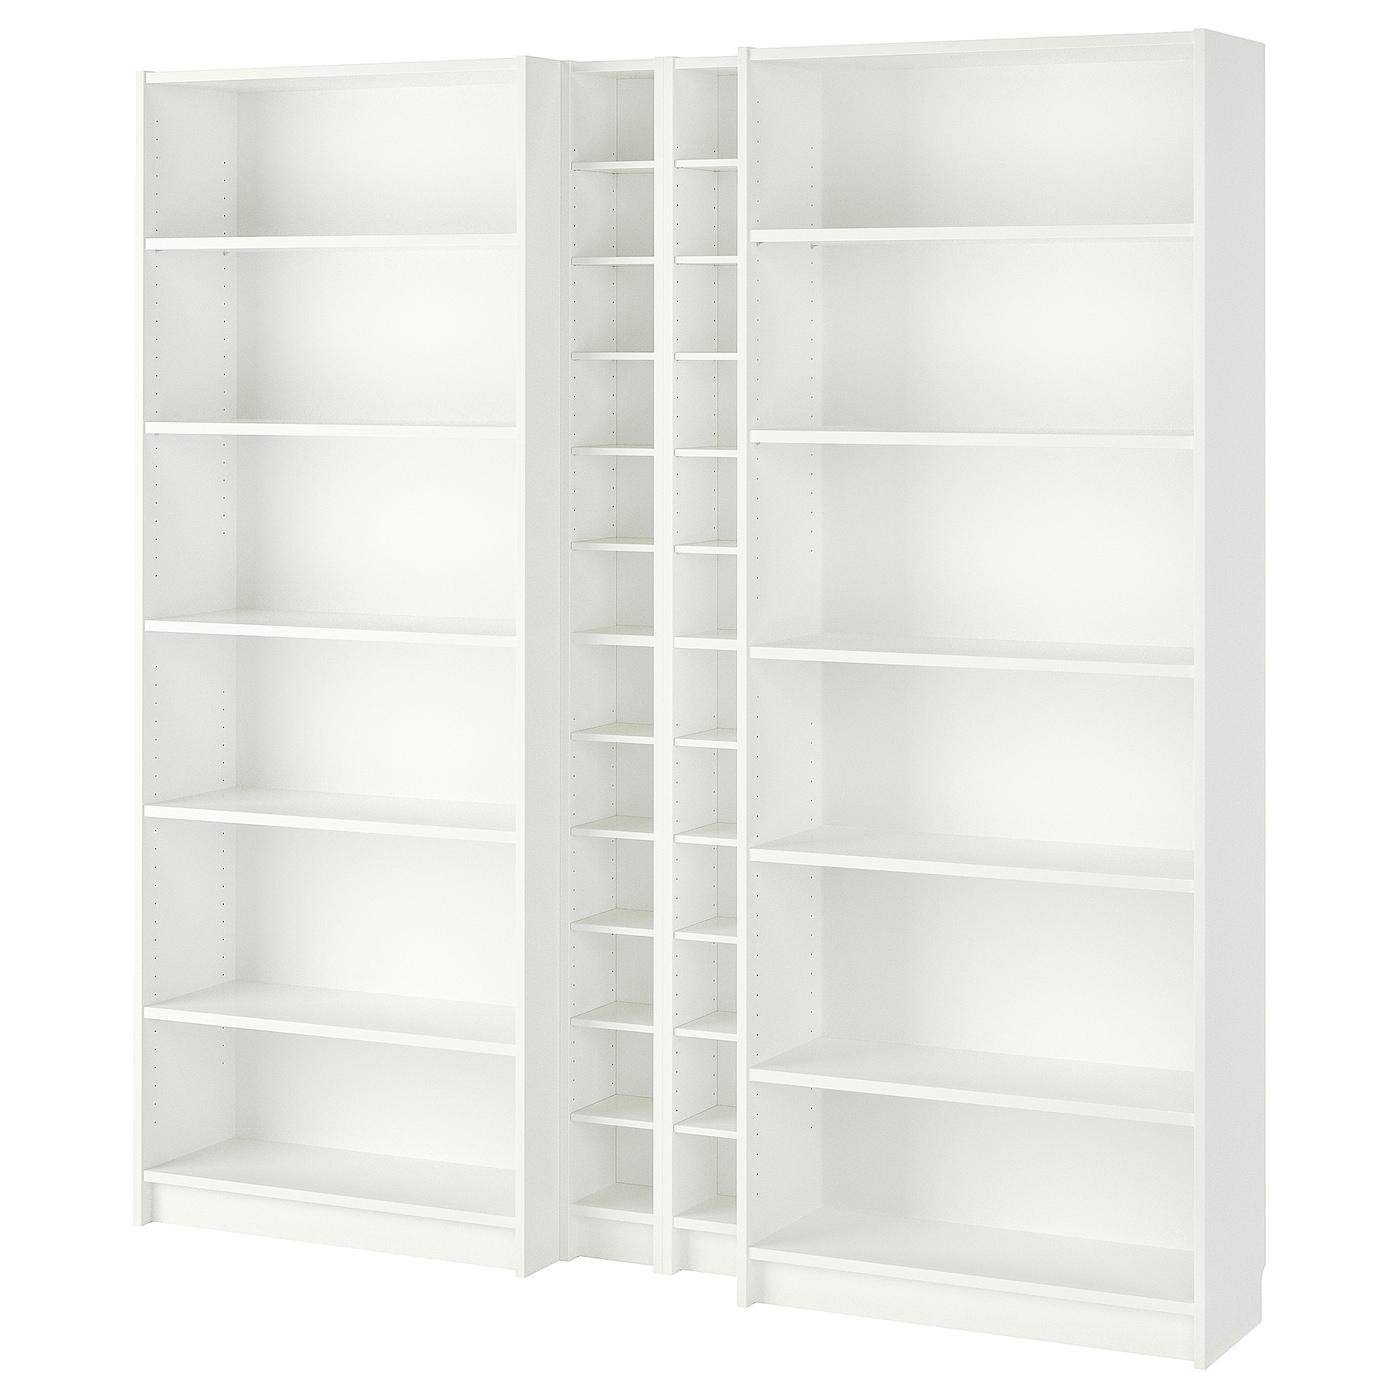 IKEA BILLY biały regał z zestawem półek GNEDBY, 200x28x202 cm